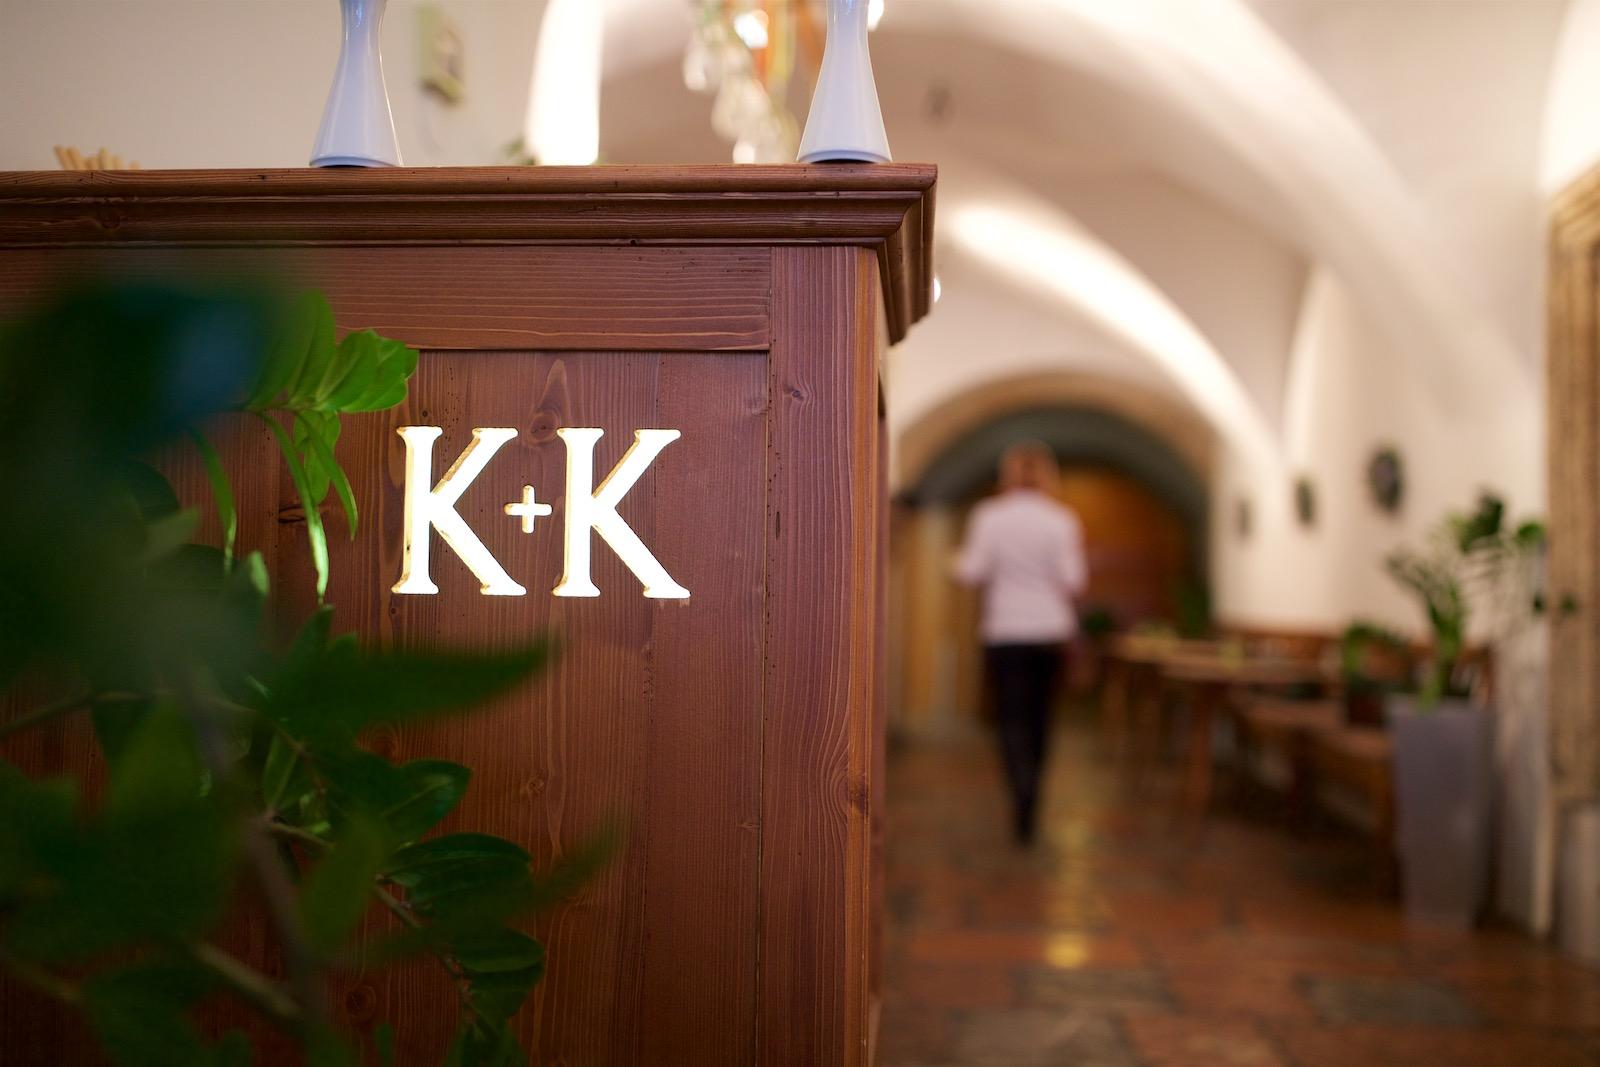 Salzburg K+K restaurant